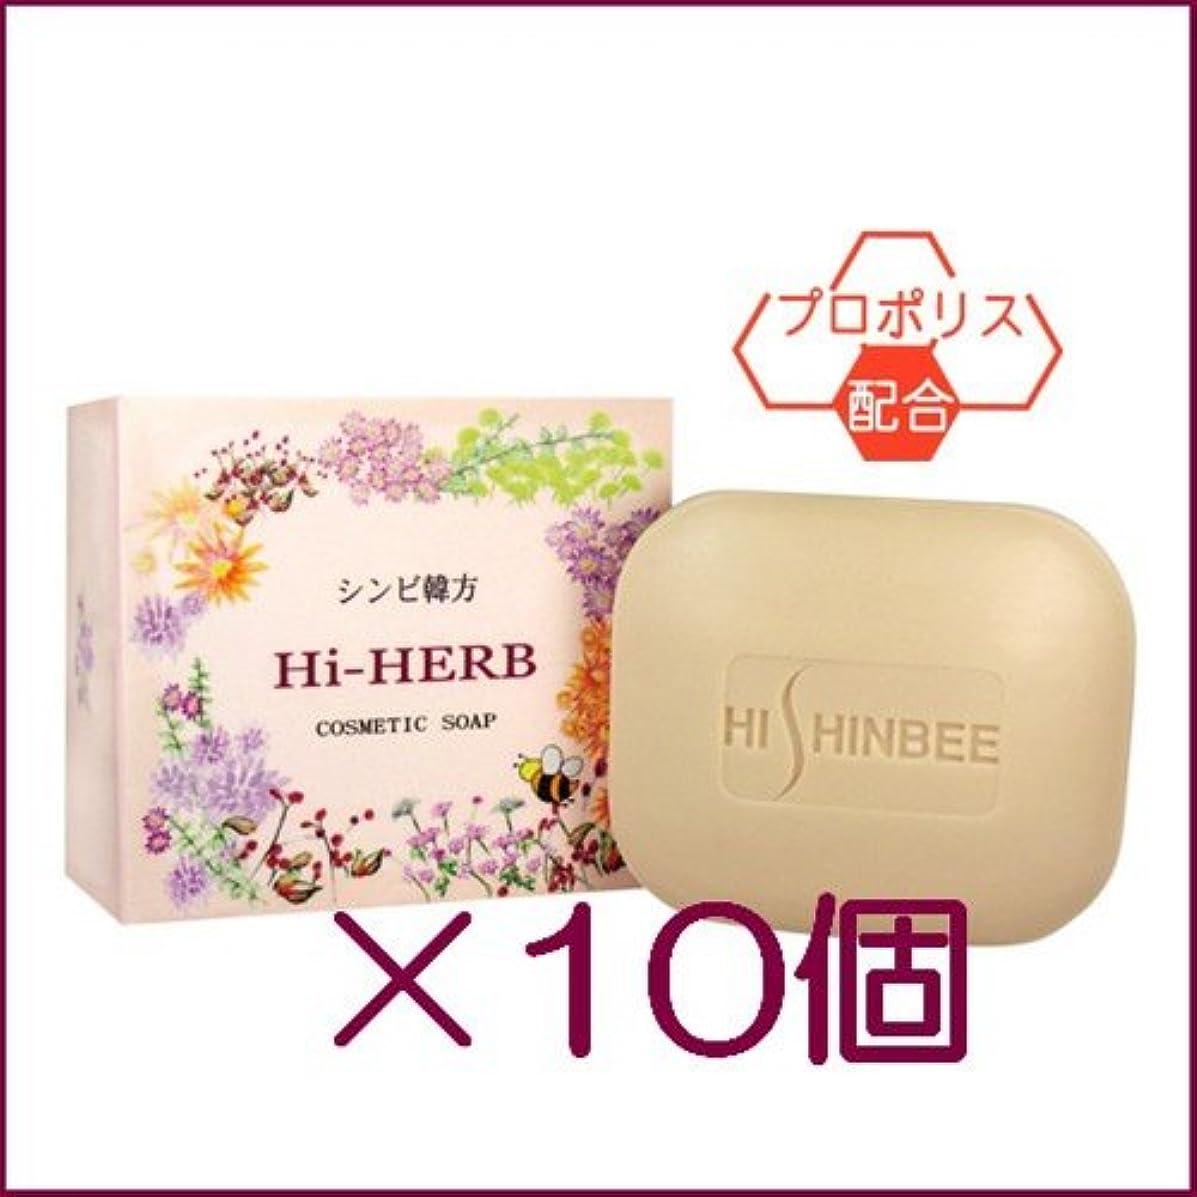 白鳥気体の偉業シンビ 韓方ハイハーブ石鹸 100g ×10個